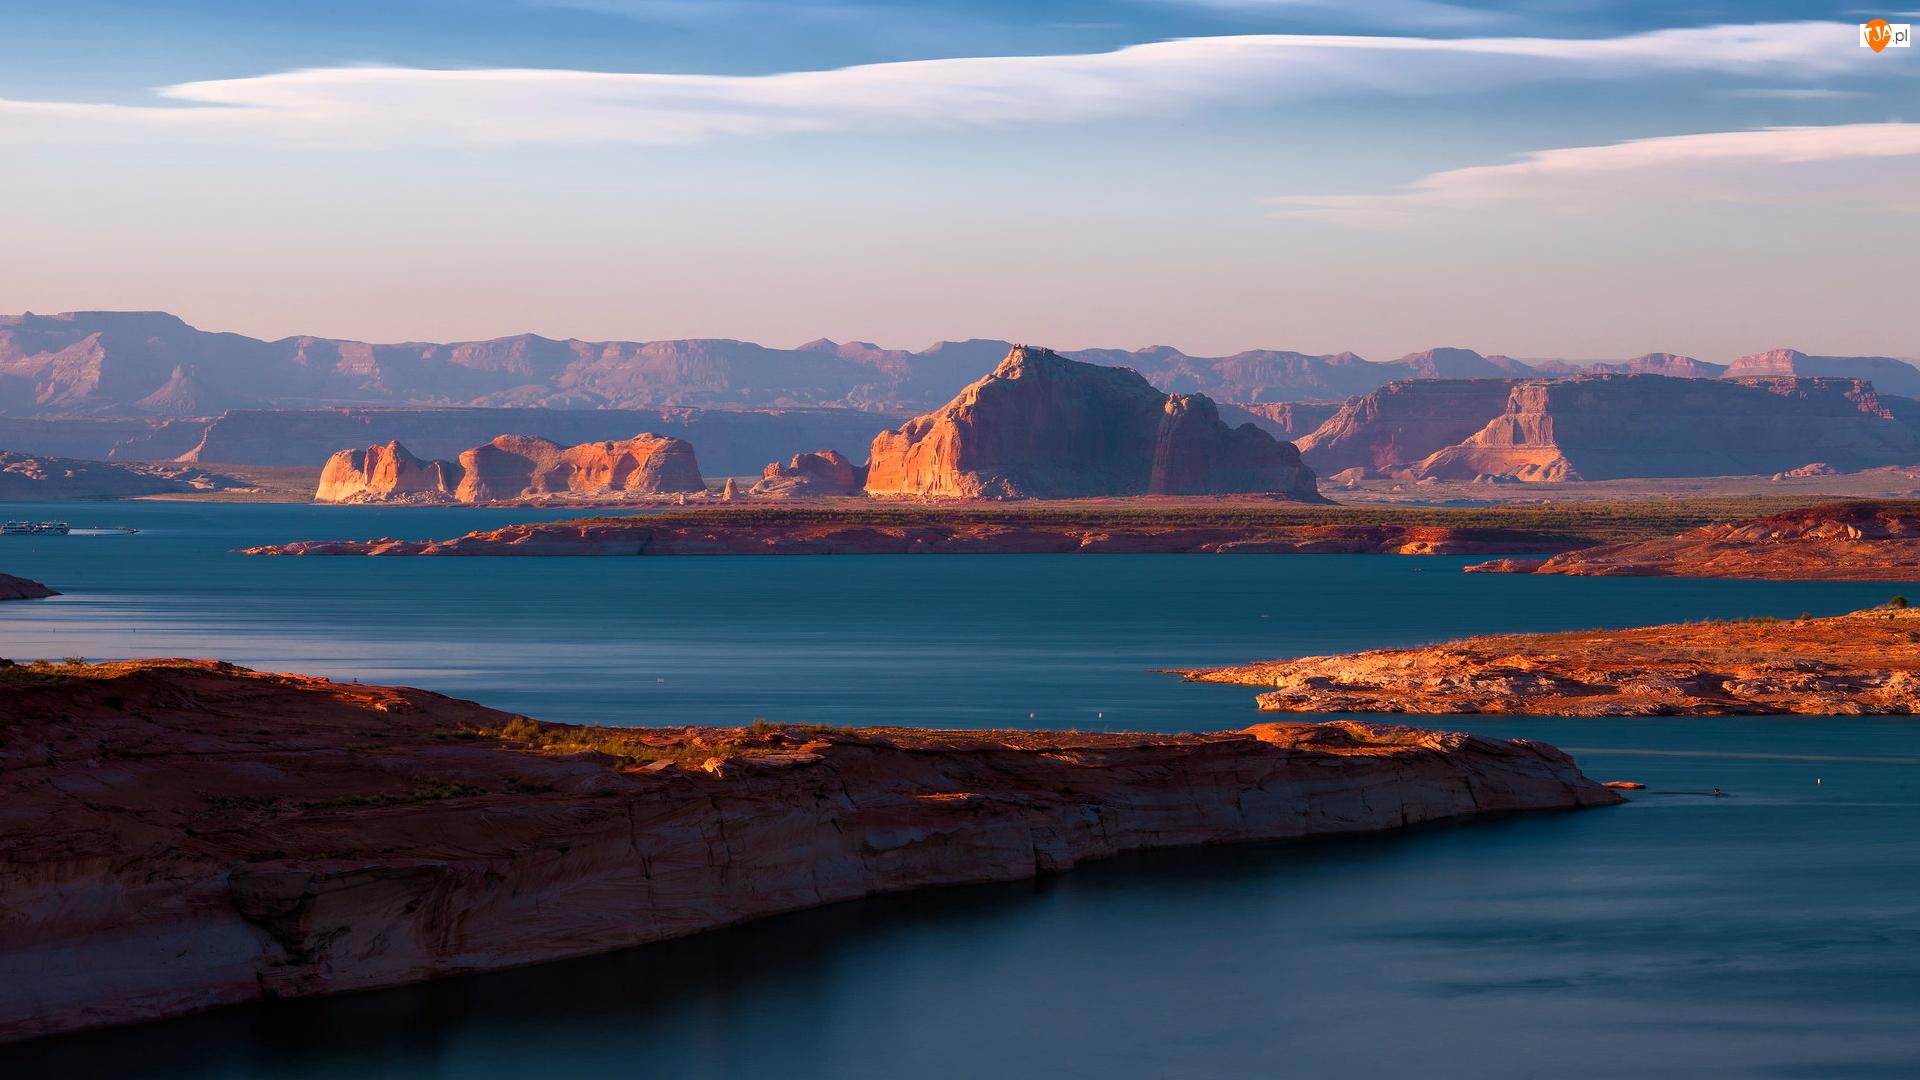 Lake Powell, Kanion, Stany Zjednoczone, Jezioro, Arizona, Skały, Glen Canyon